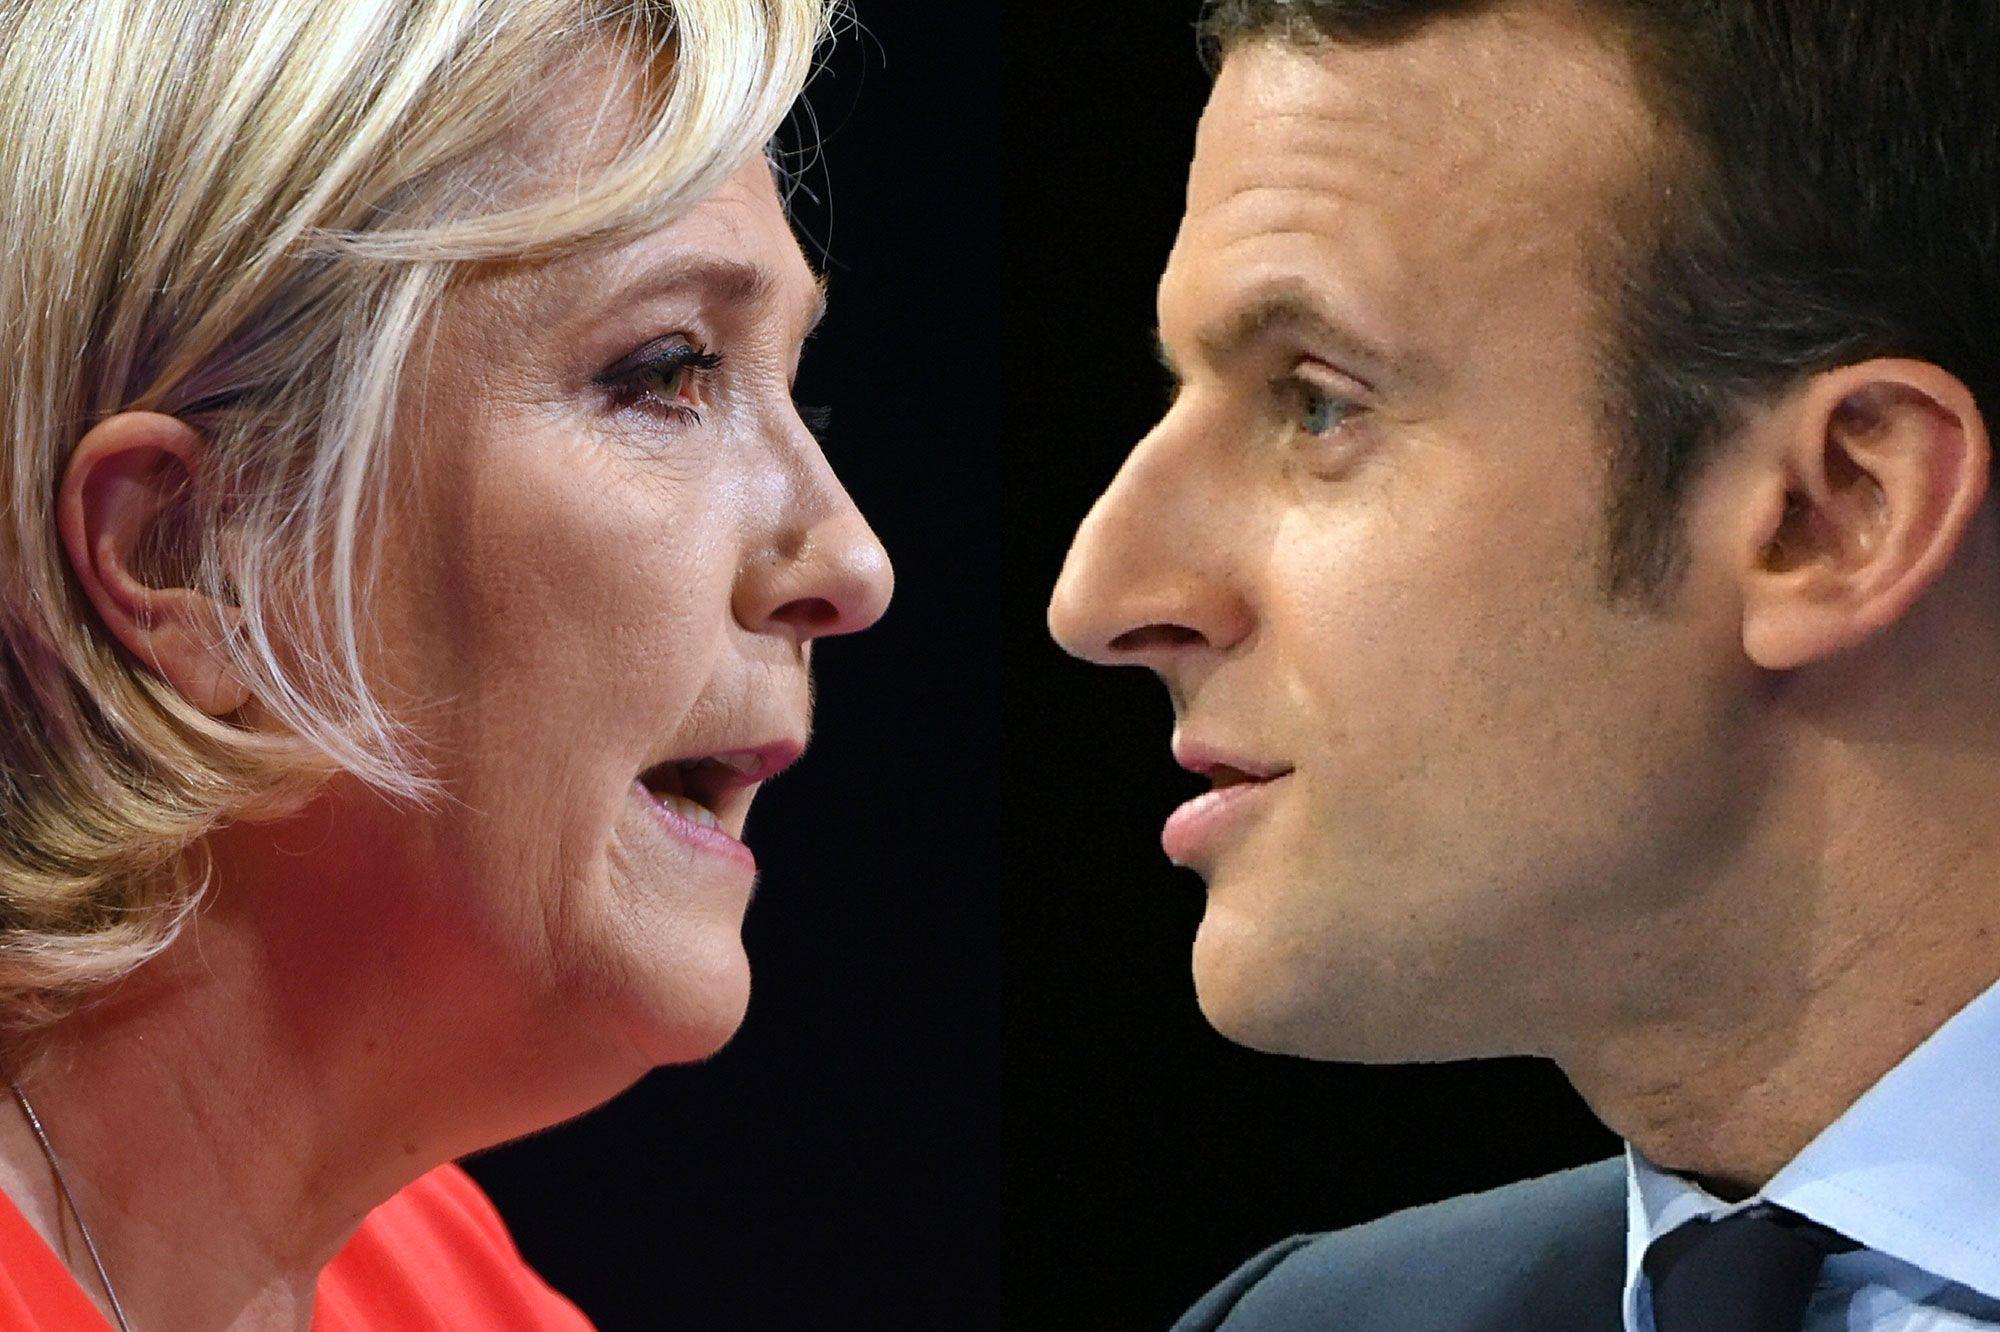 Le Poids des mots Macron-Le Pen : Leurs silences en disent long